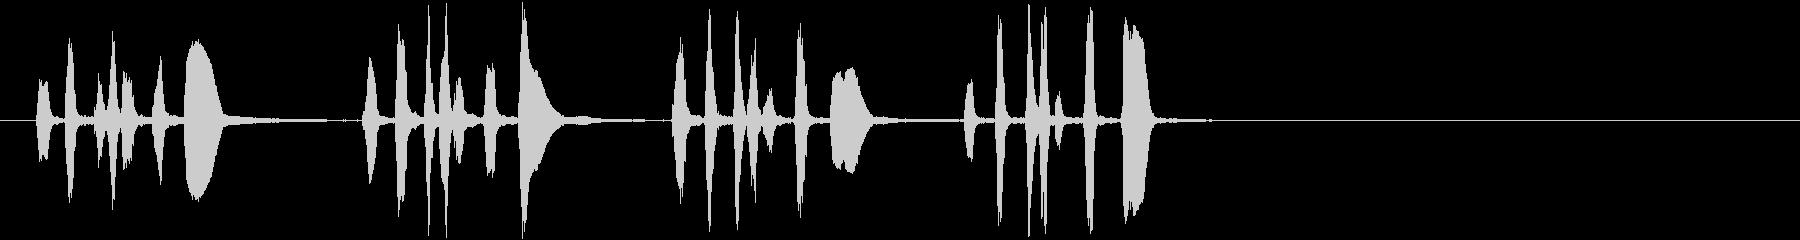 トランペットビューグルモチーフ;ラ...の未再生の波形